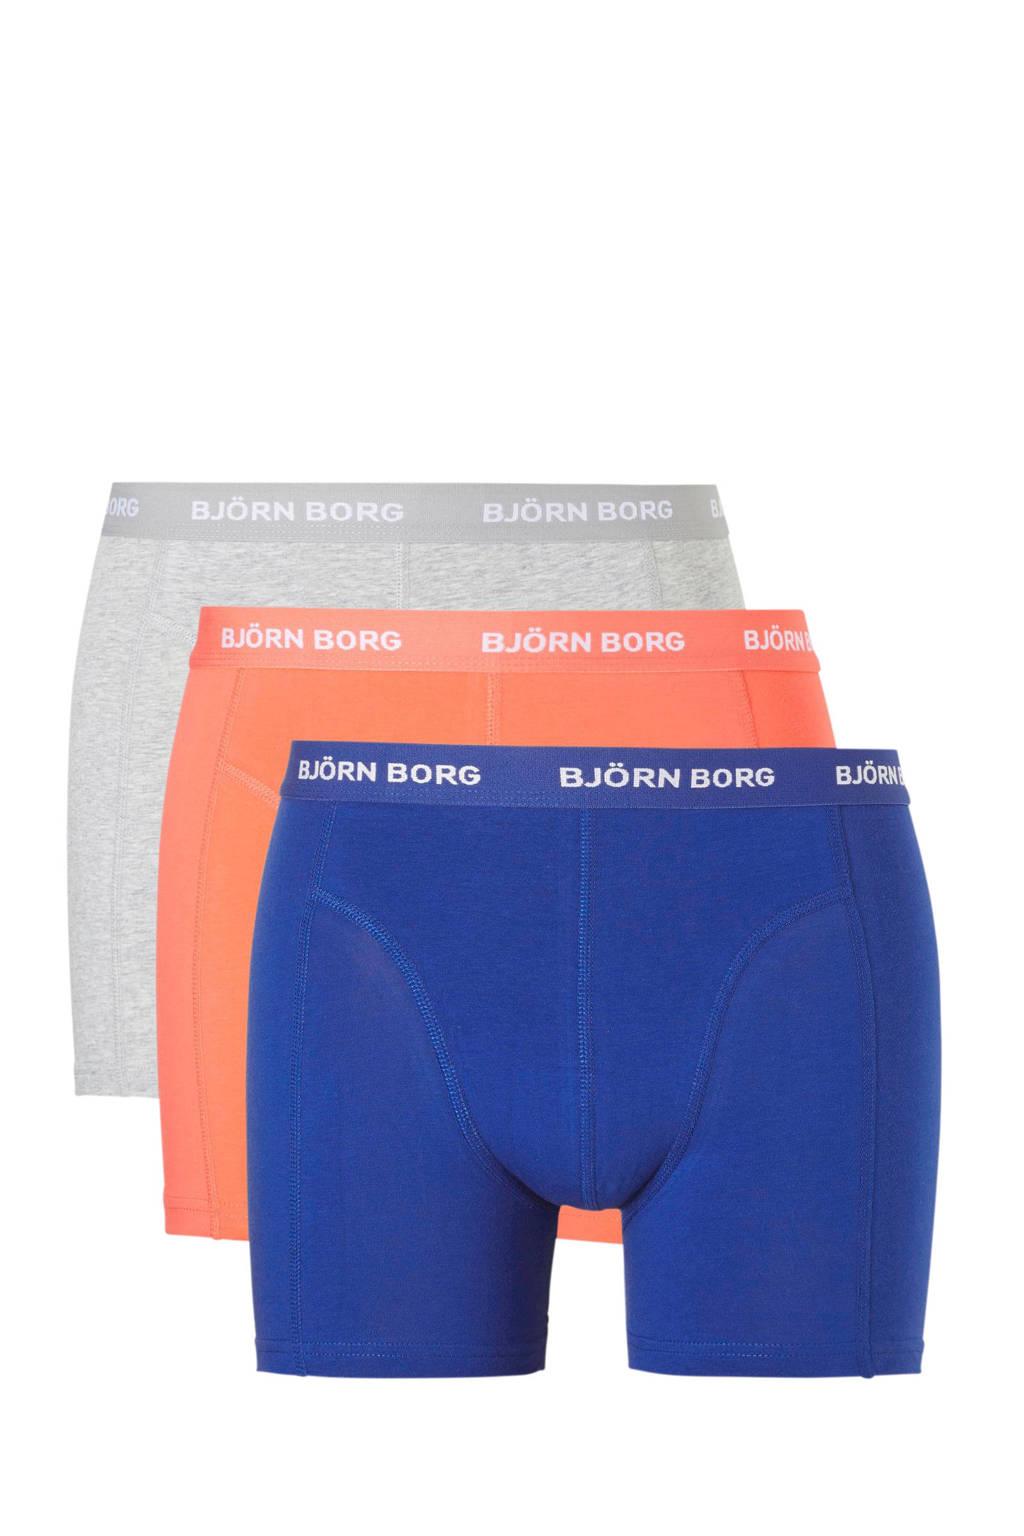 Björn Borg boxershort (set van 3), blauw/oranje/grijs